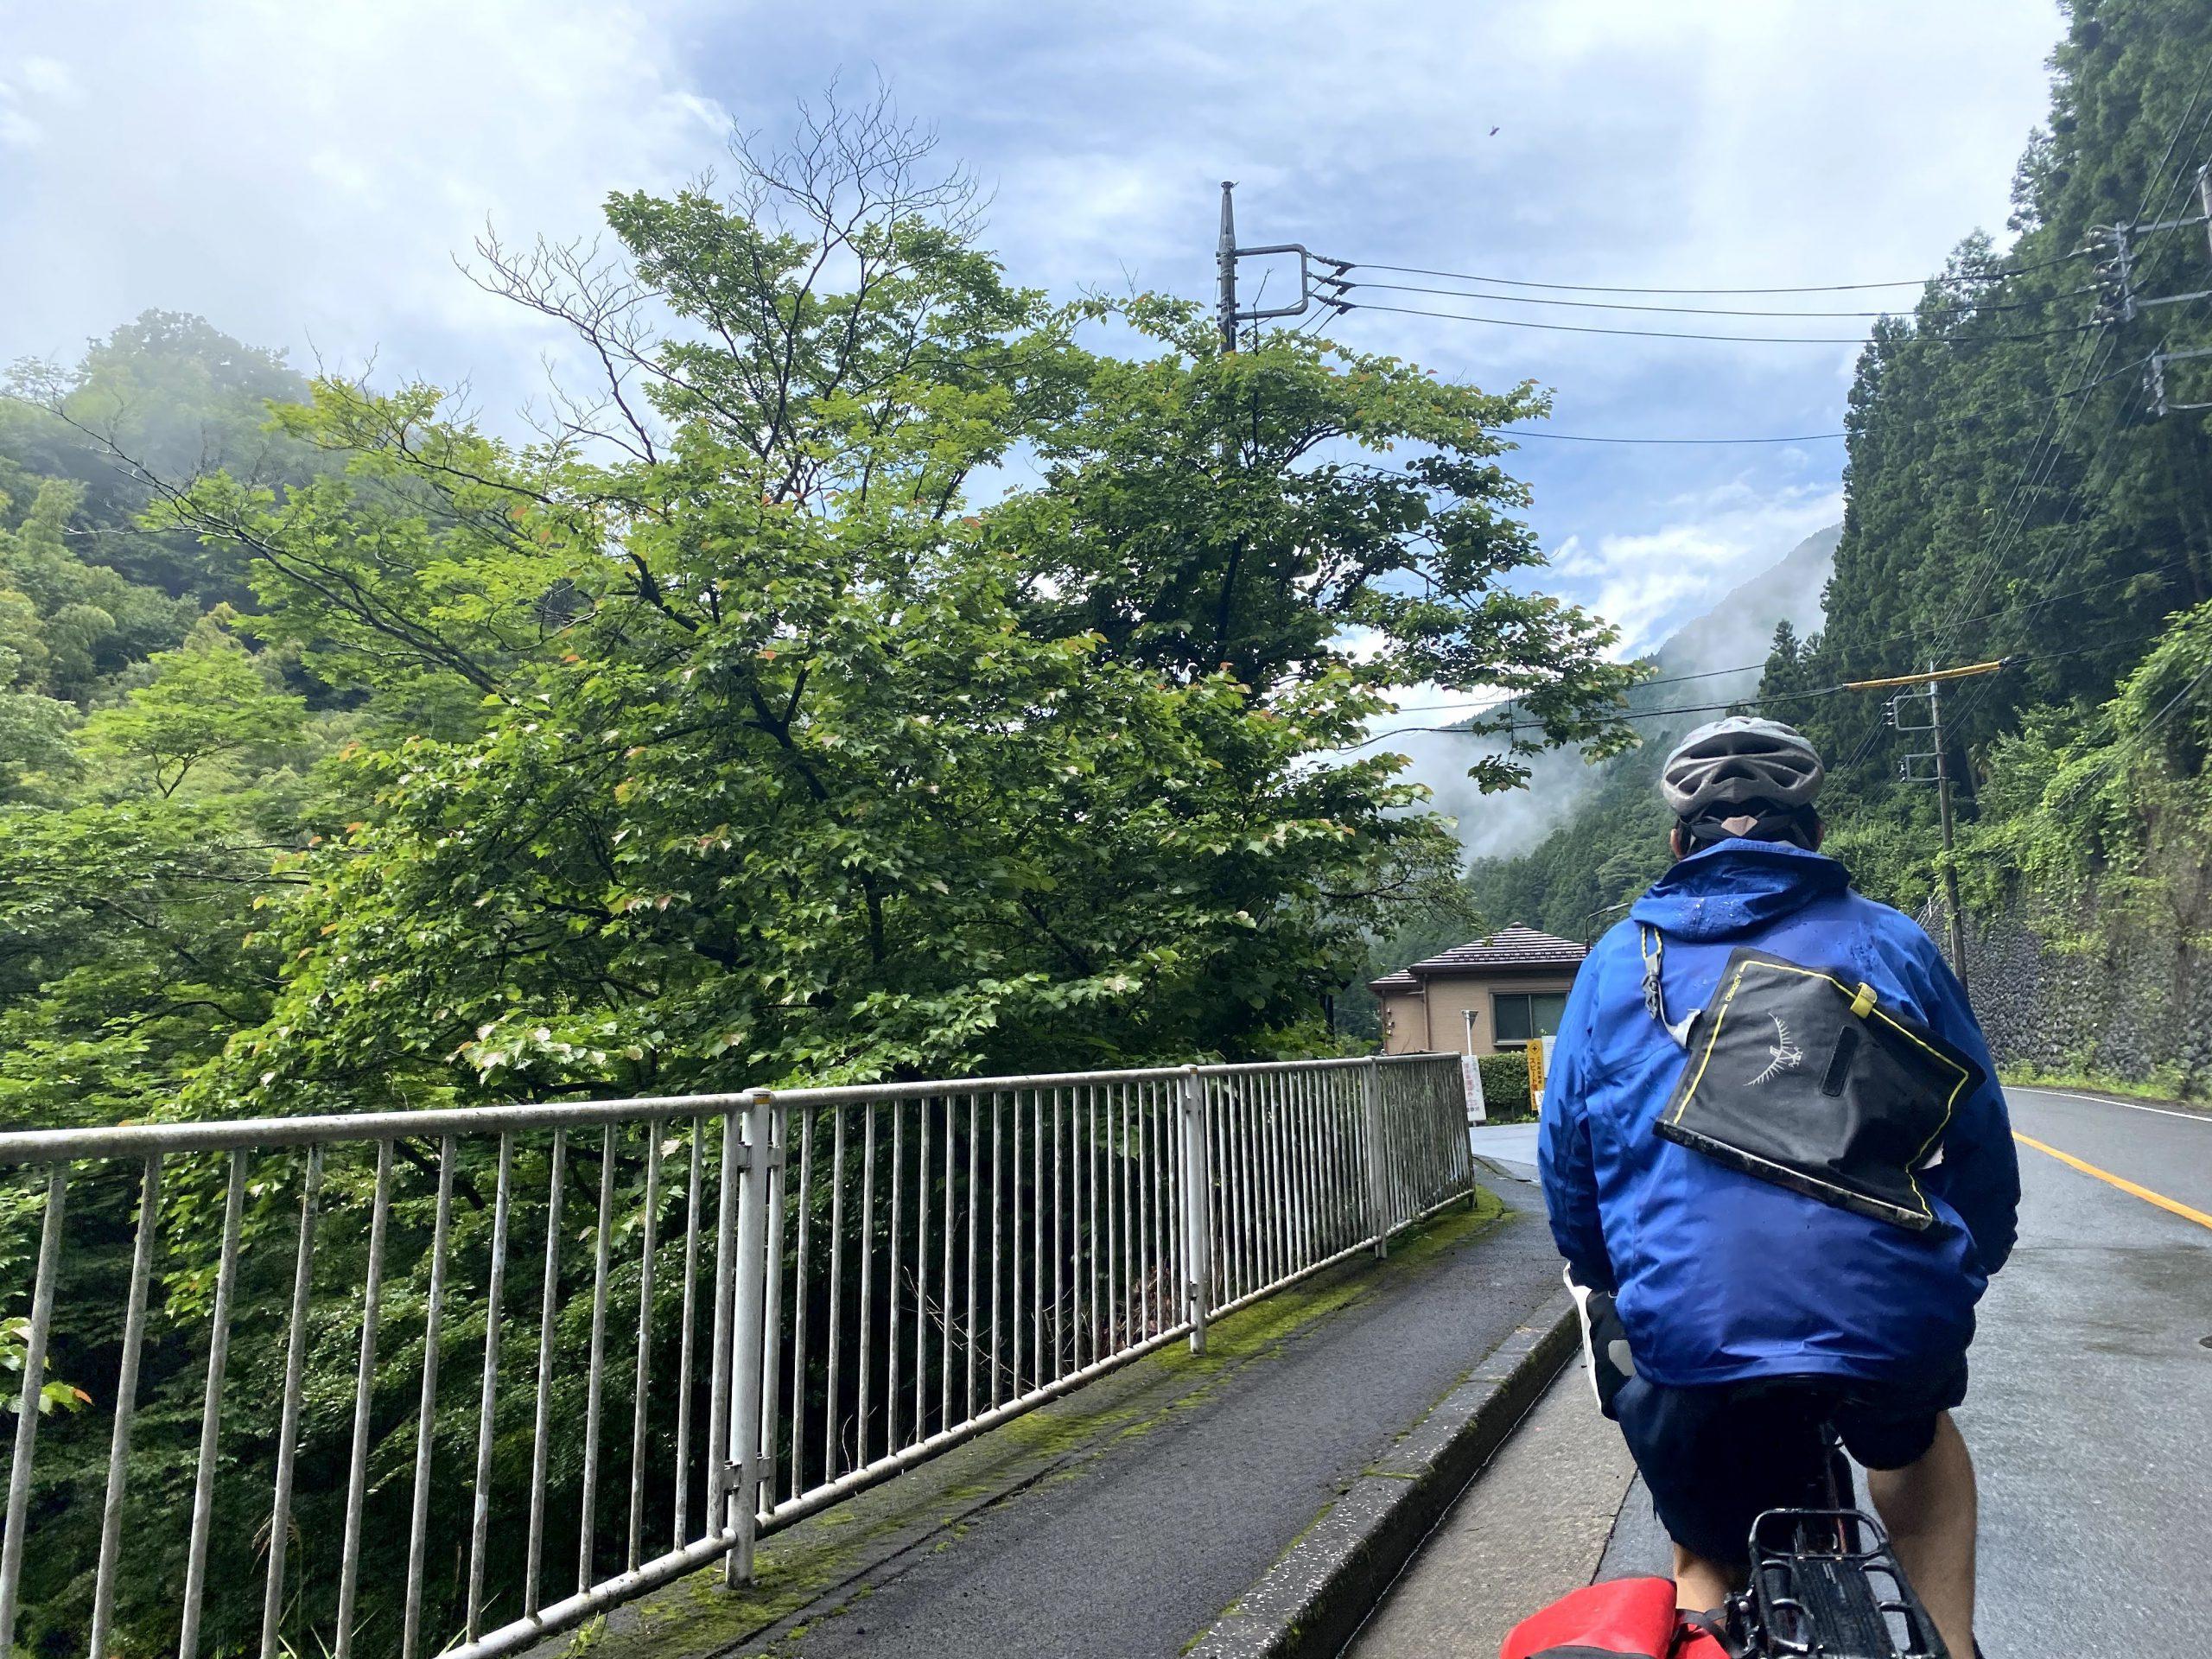 2020/7/11 風張峠 自転車W-ing